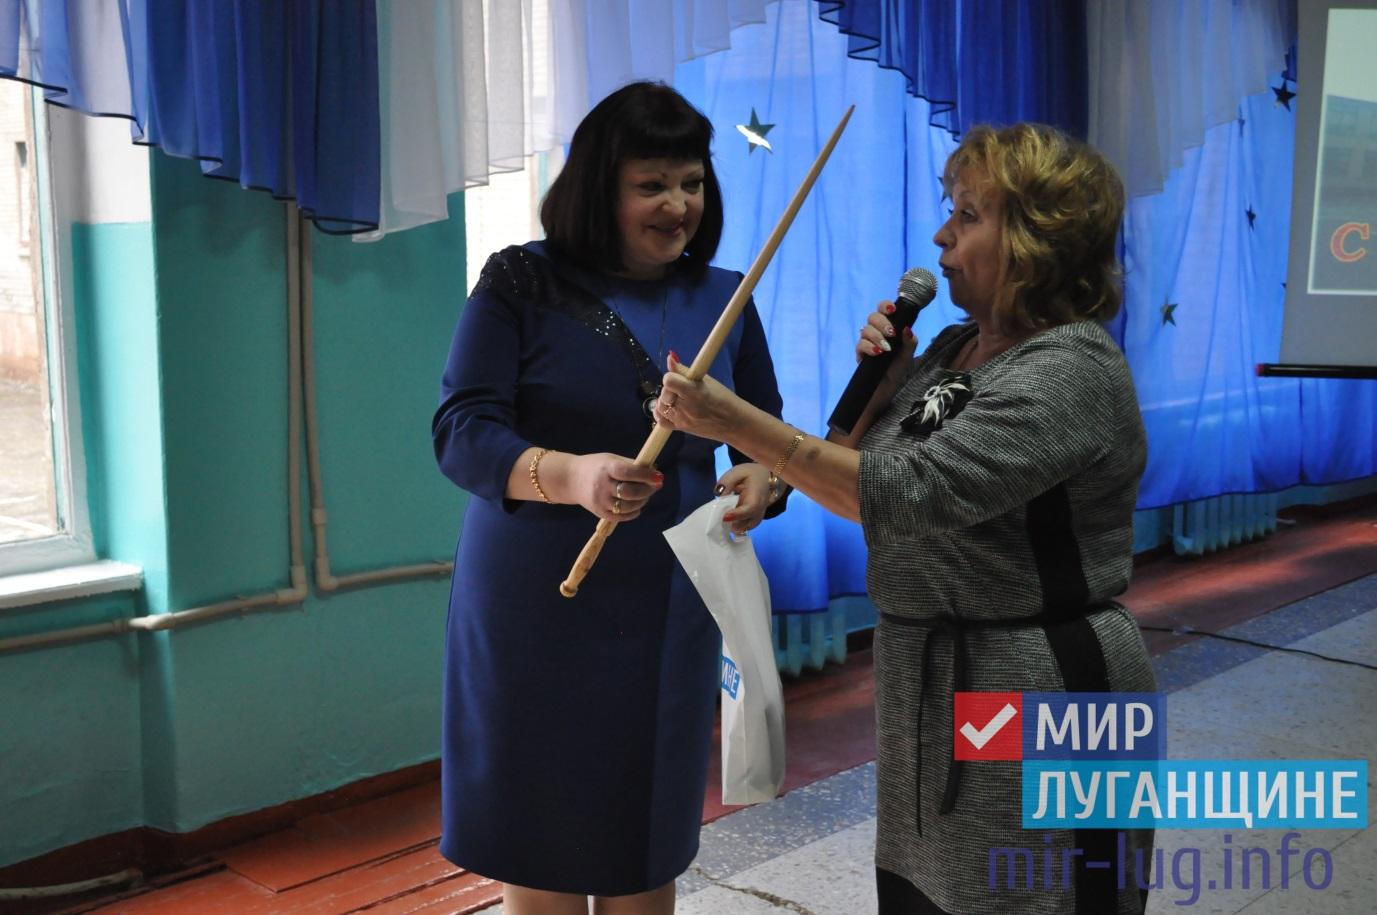 Одна из брянковских школ отпраздновала свой юбилей 1